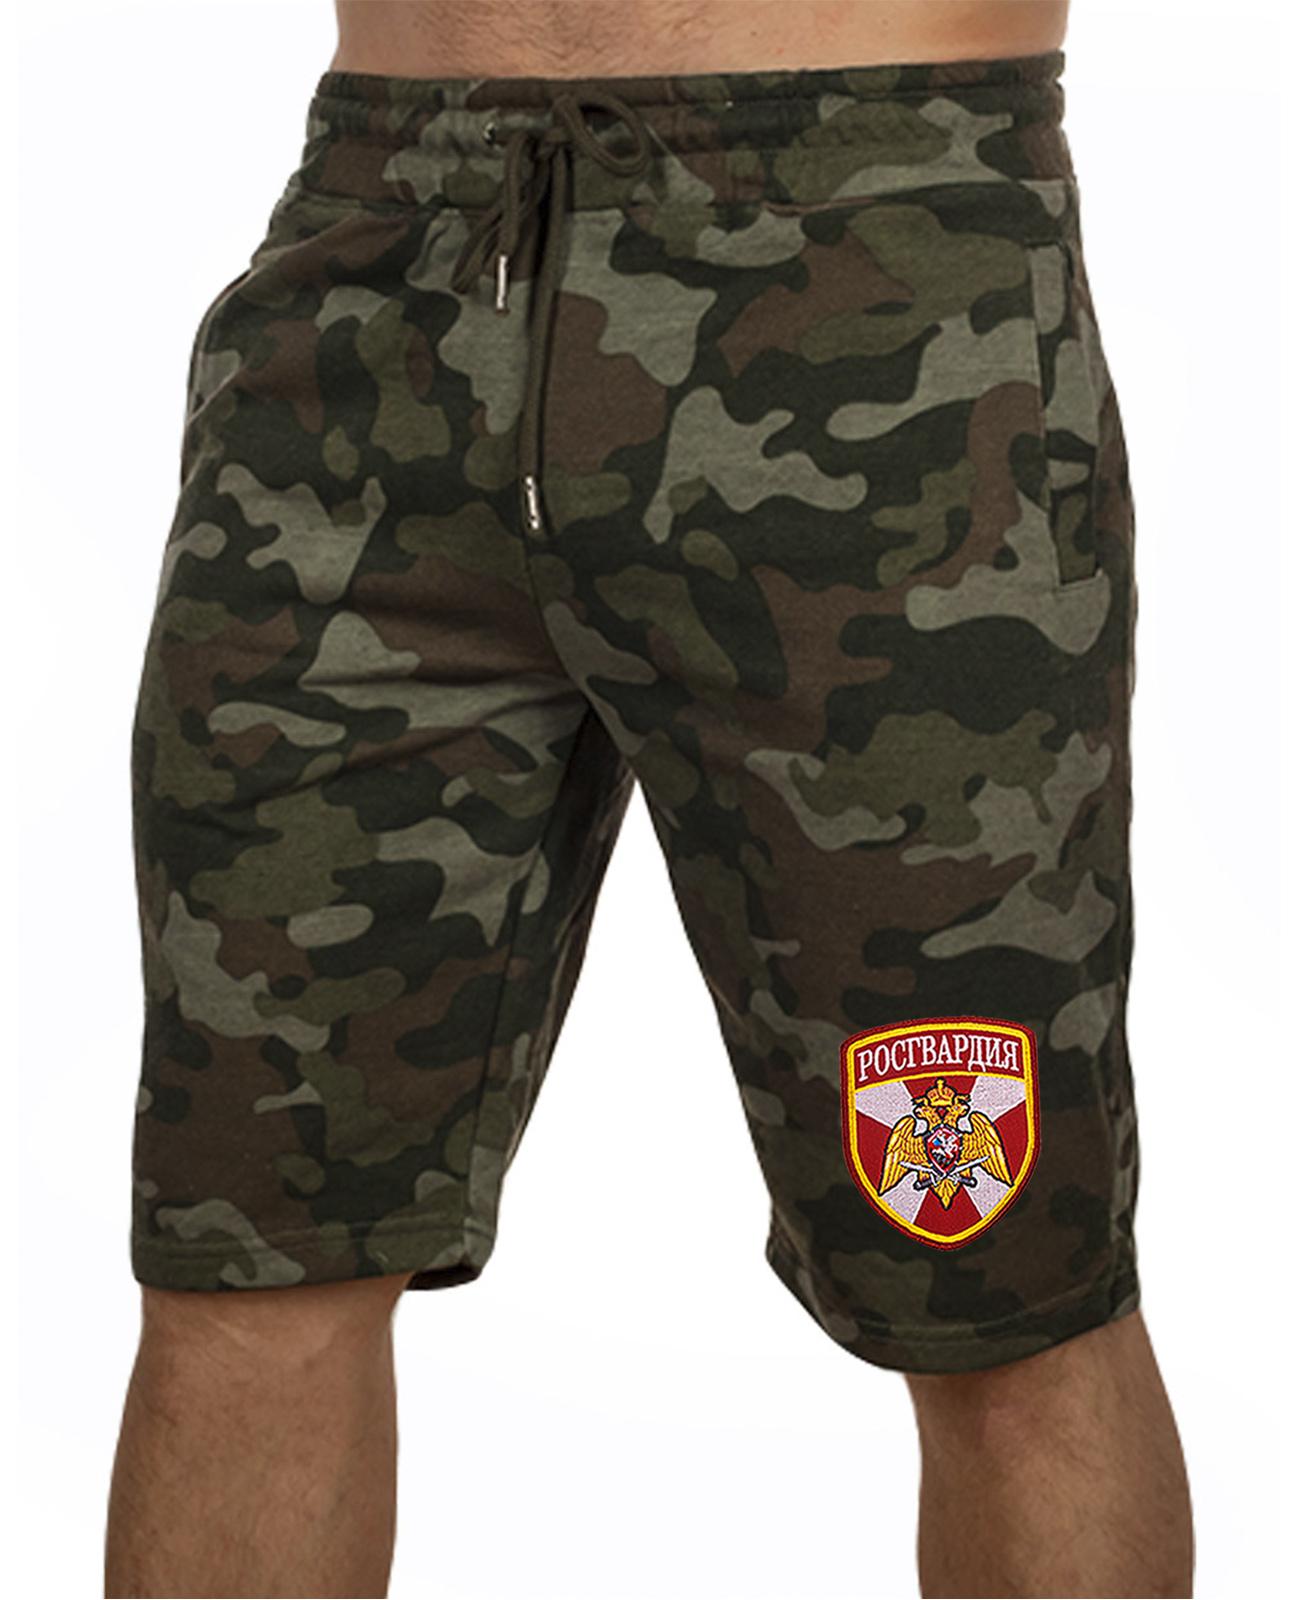 Купить темные армейские шорты с нашивкой Росгвардия с доставкой в ваш город